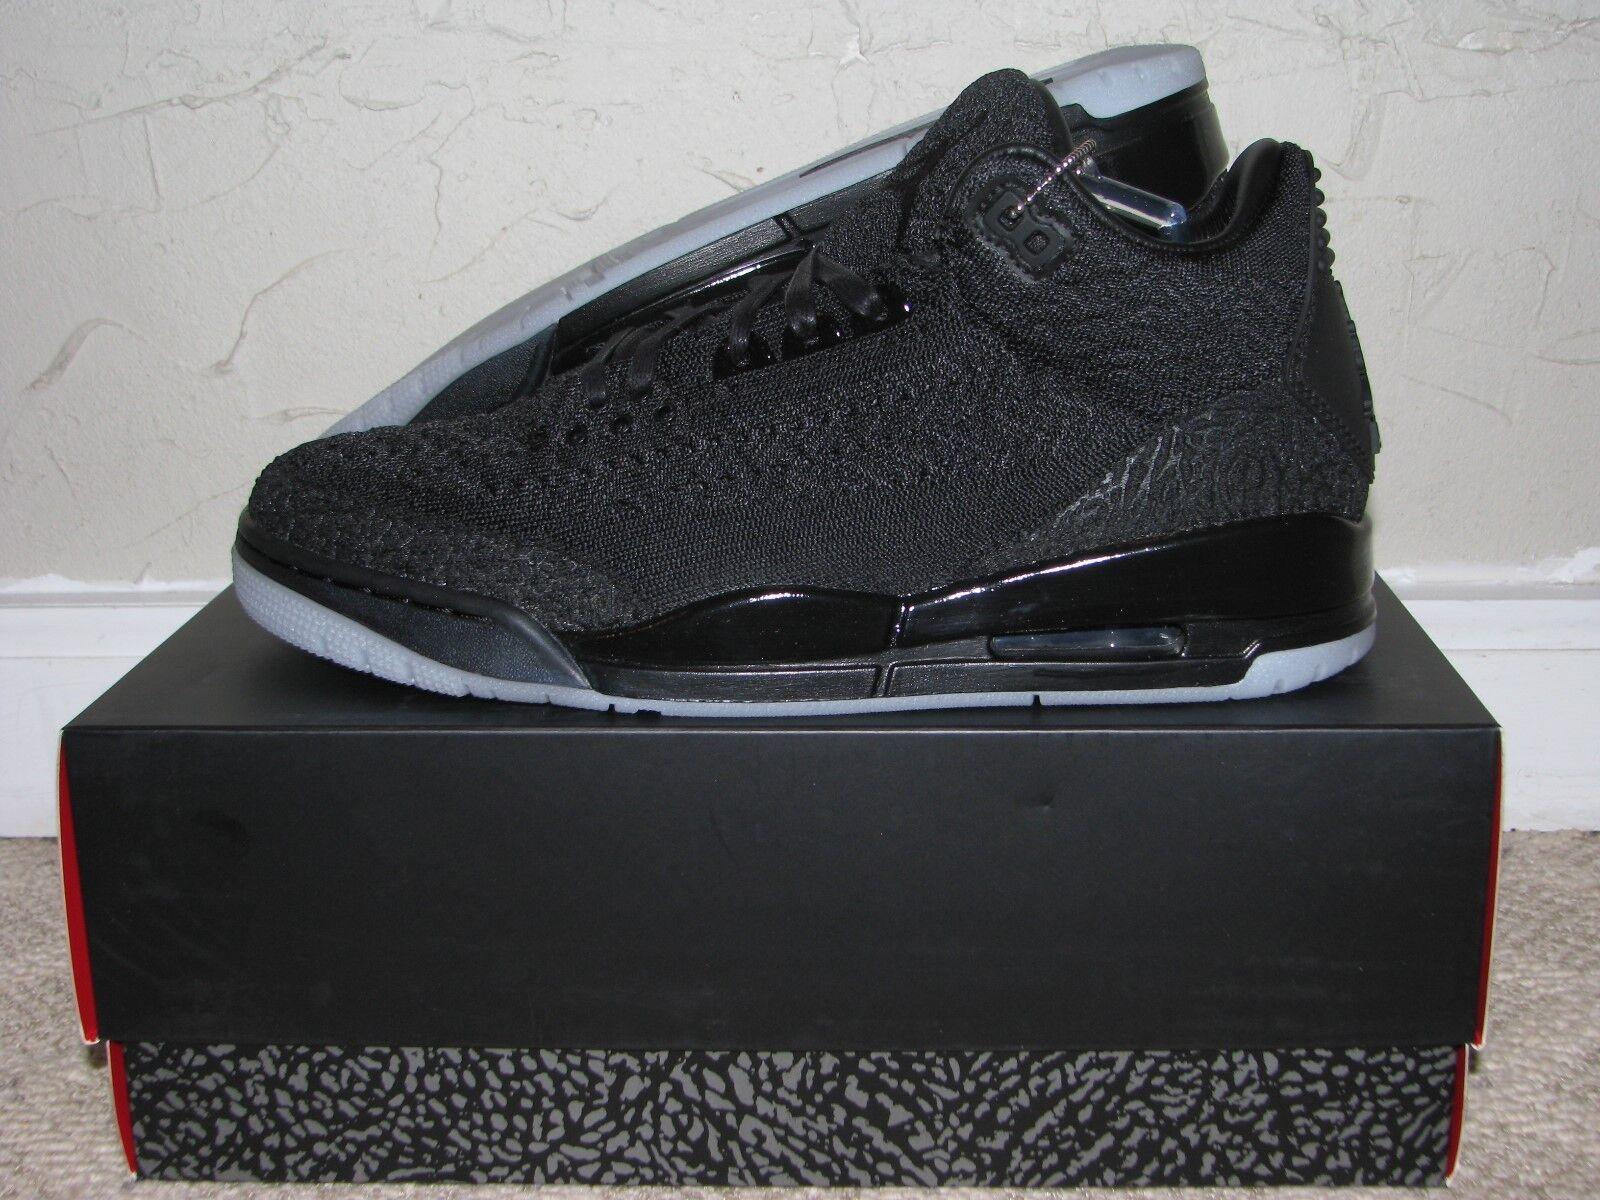 Size 9.5 - Jordan 3 Retro Flyknit Black 2018 for sale online | eBay